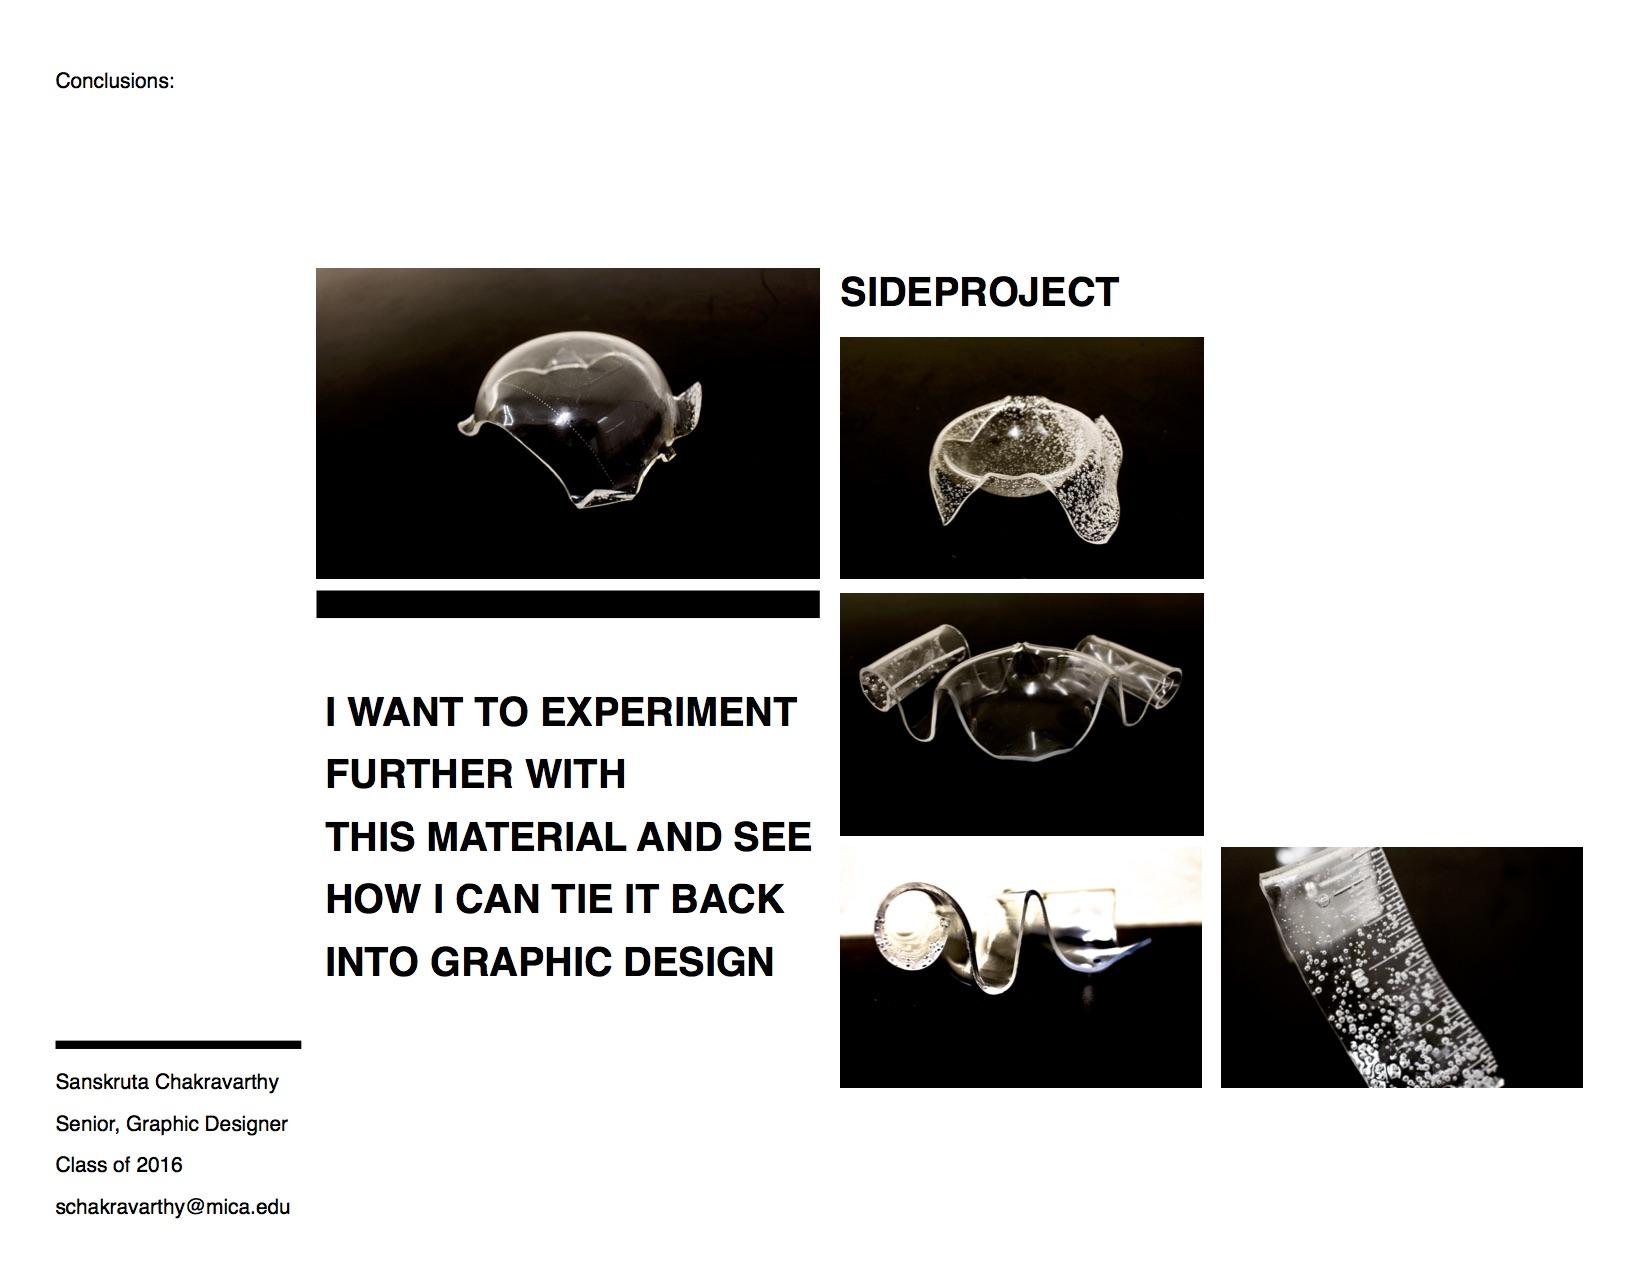 dfab final presentation 3.jpg